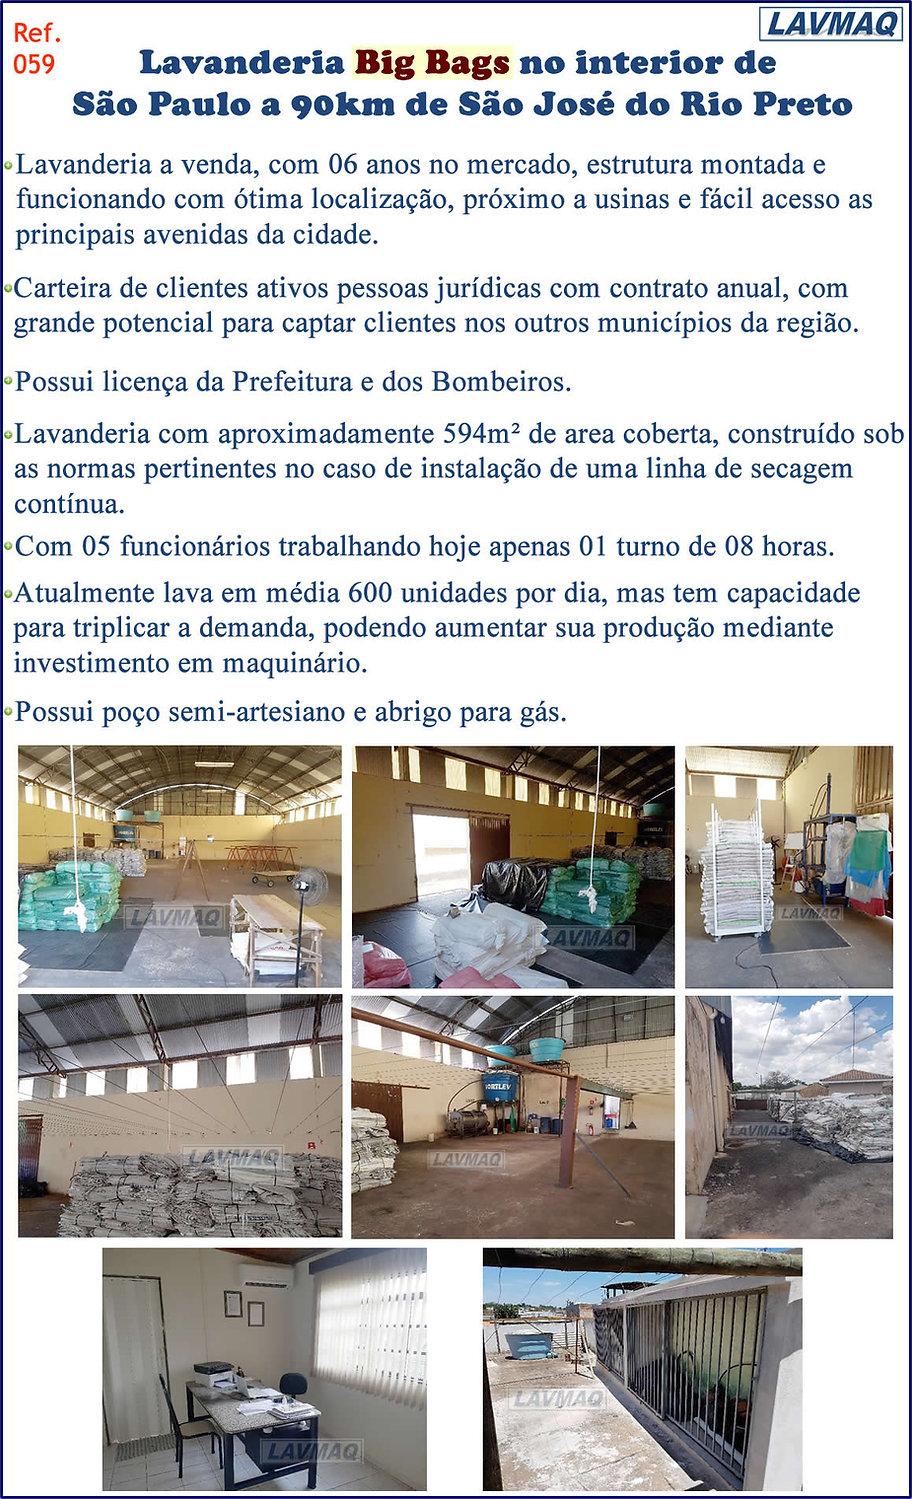 ref 059 lavanderia Bags regiao de sao jose do rio preto